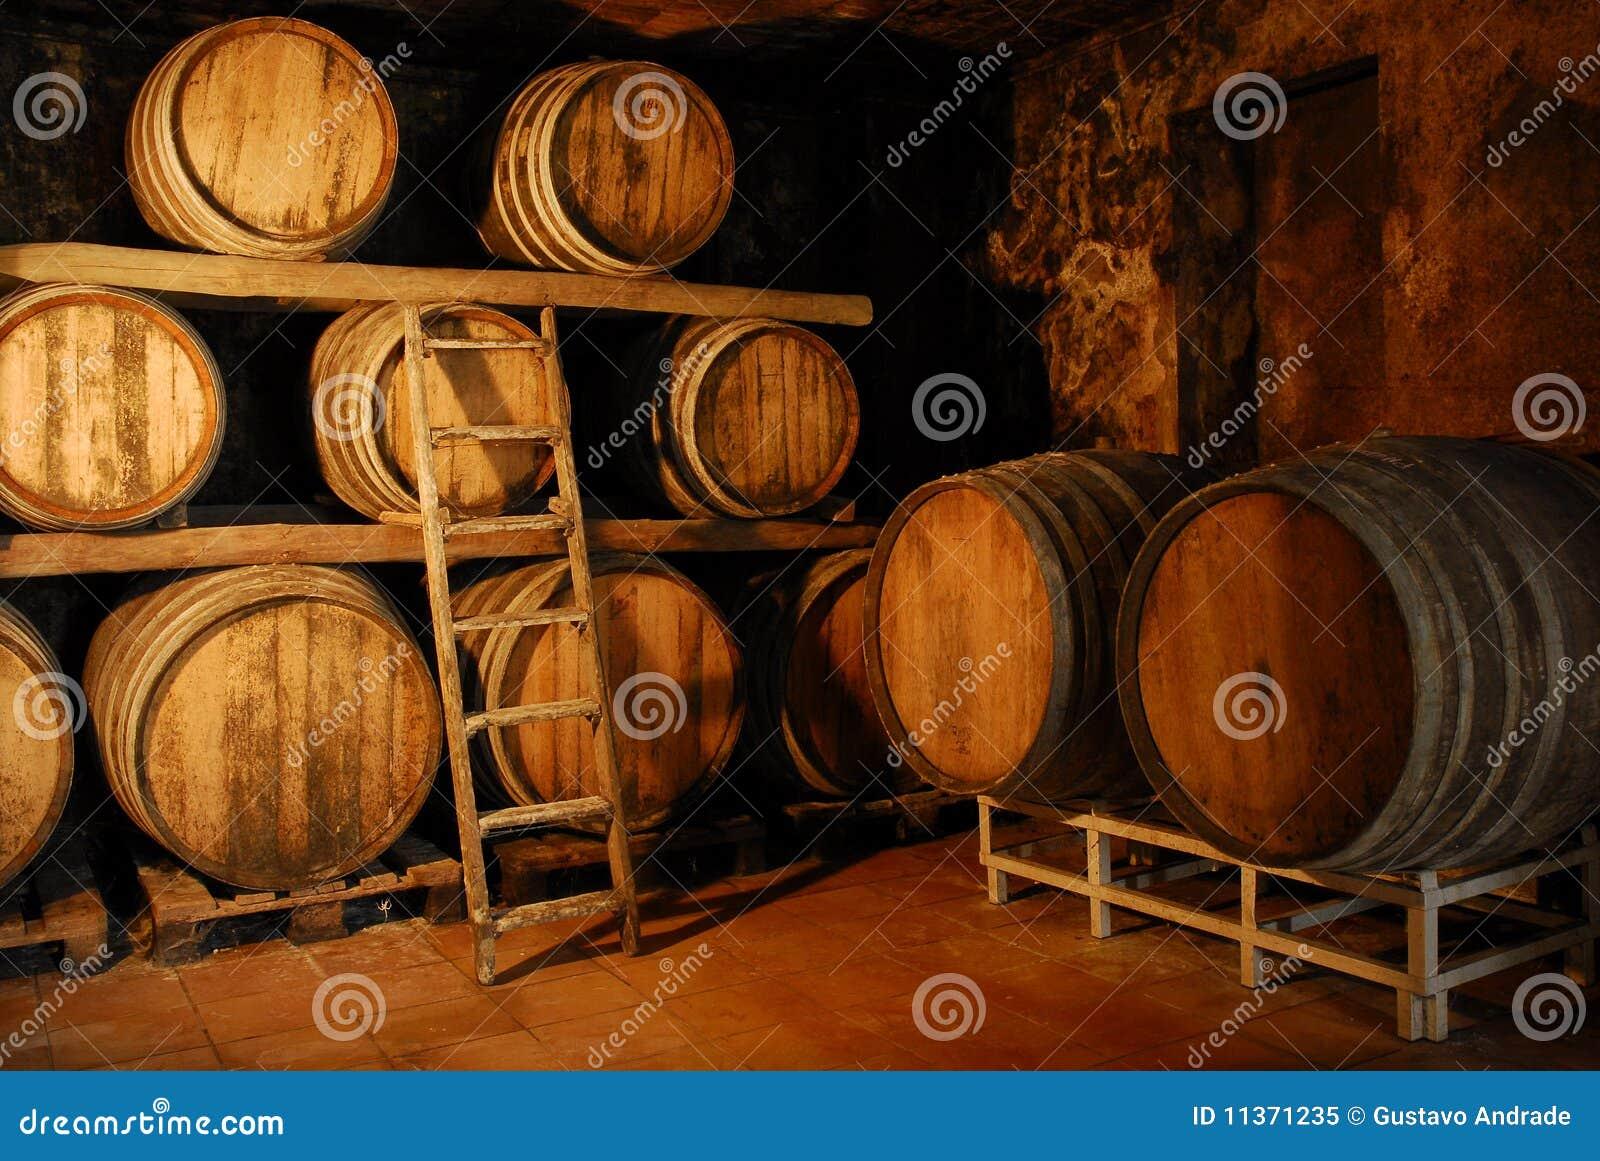 Mijn wijnruimte.